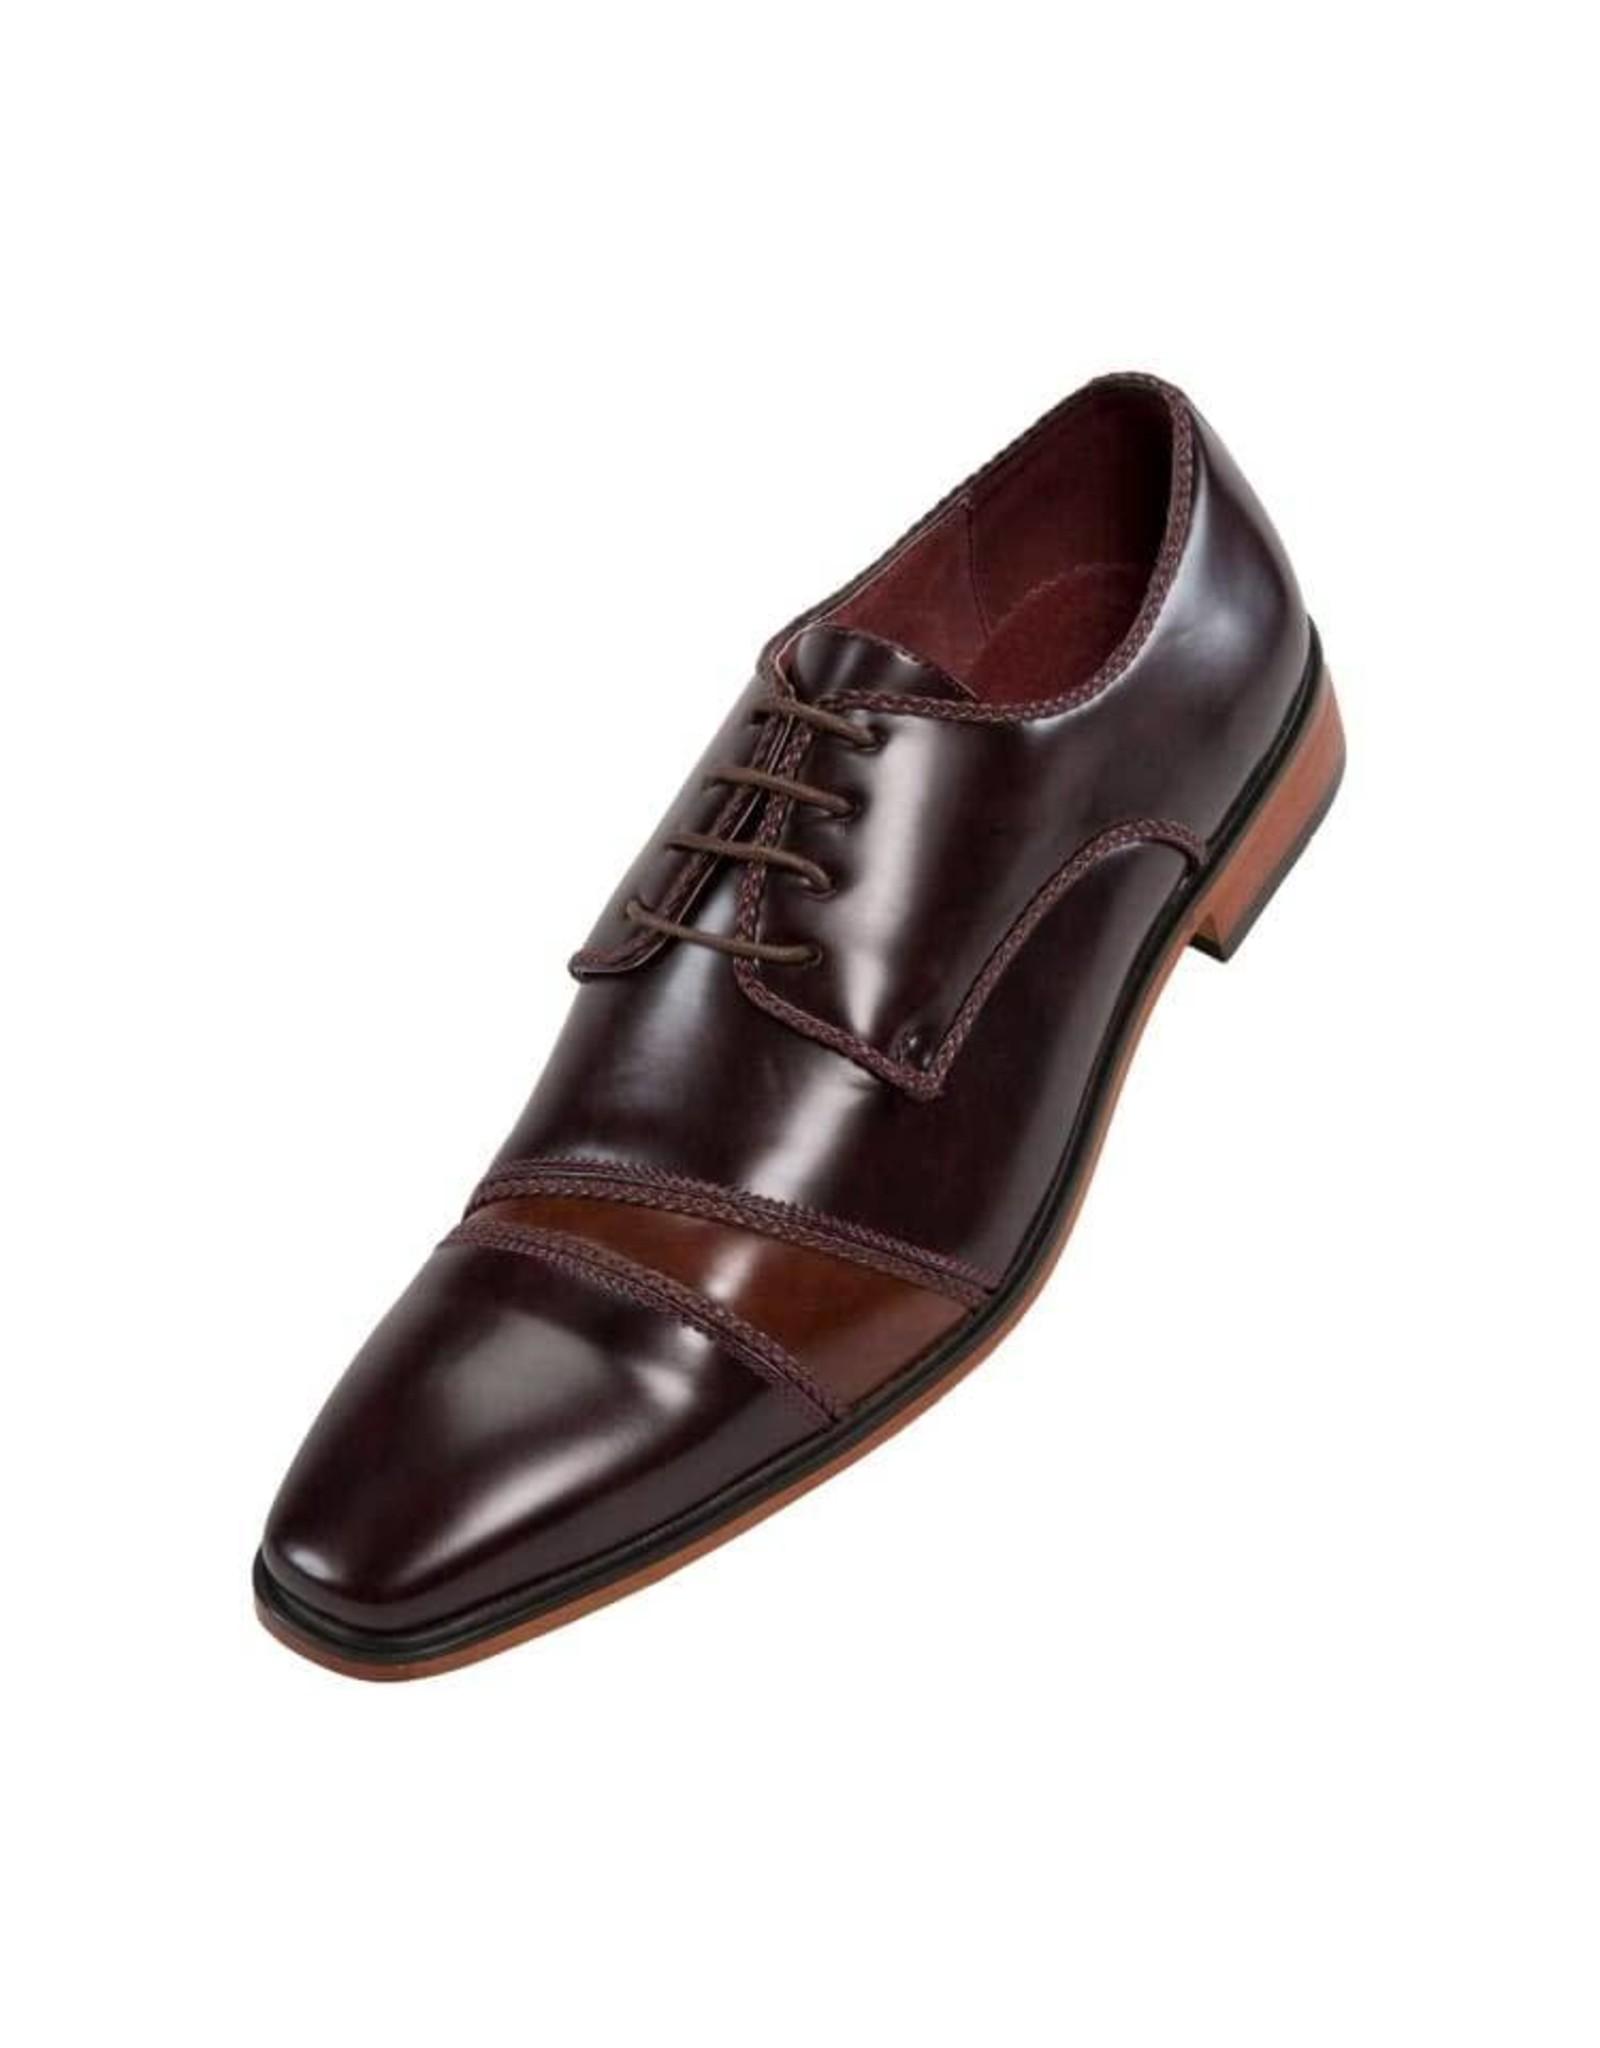 Amali Amali Bevel Dress Shoe - Brown